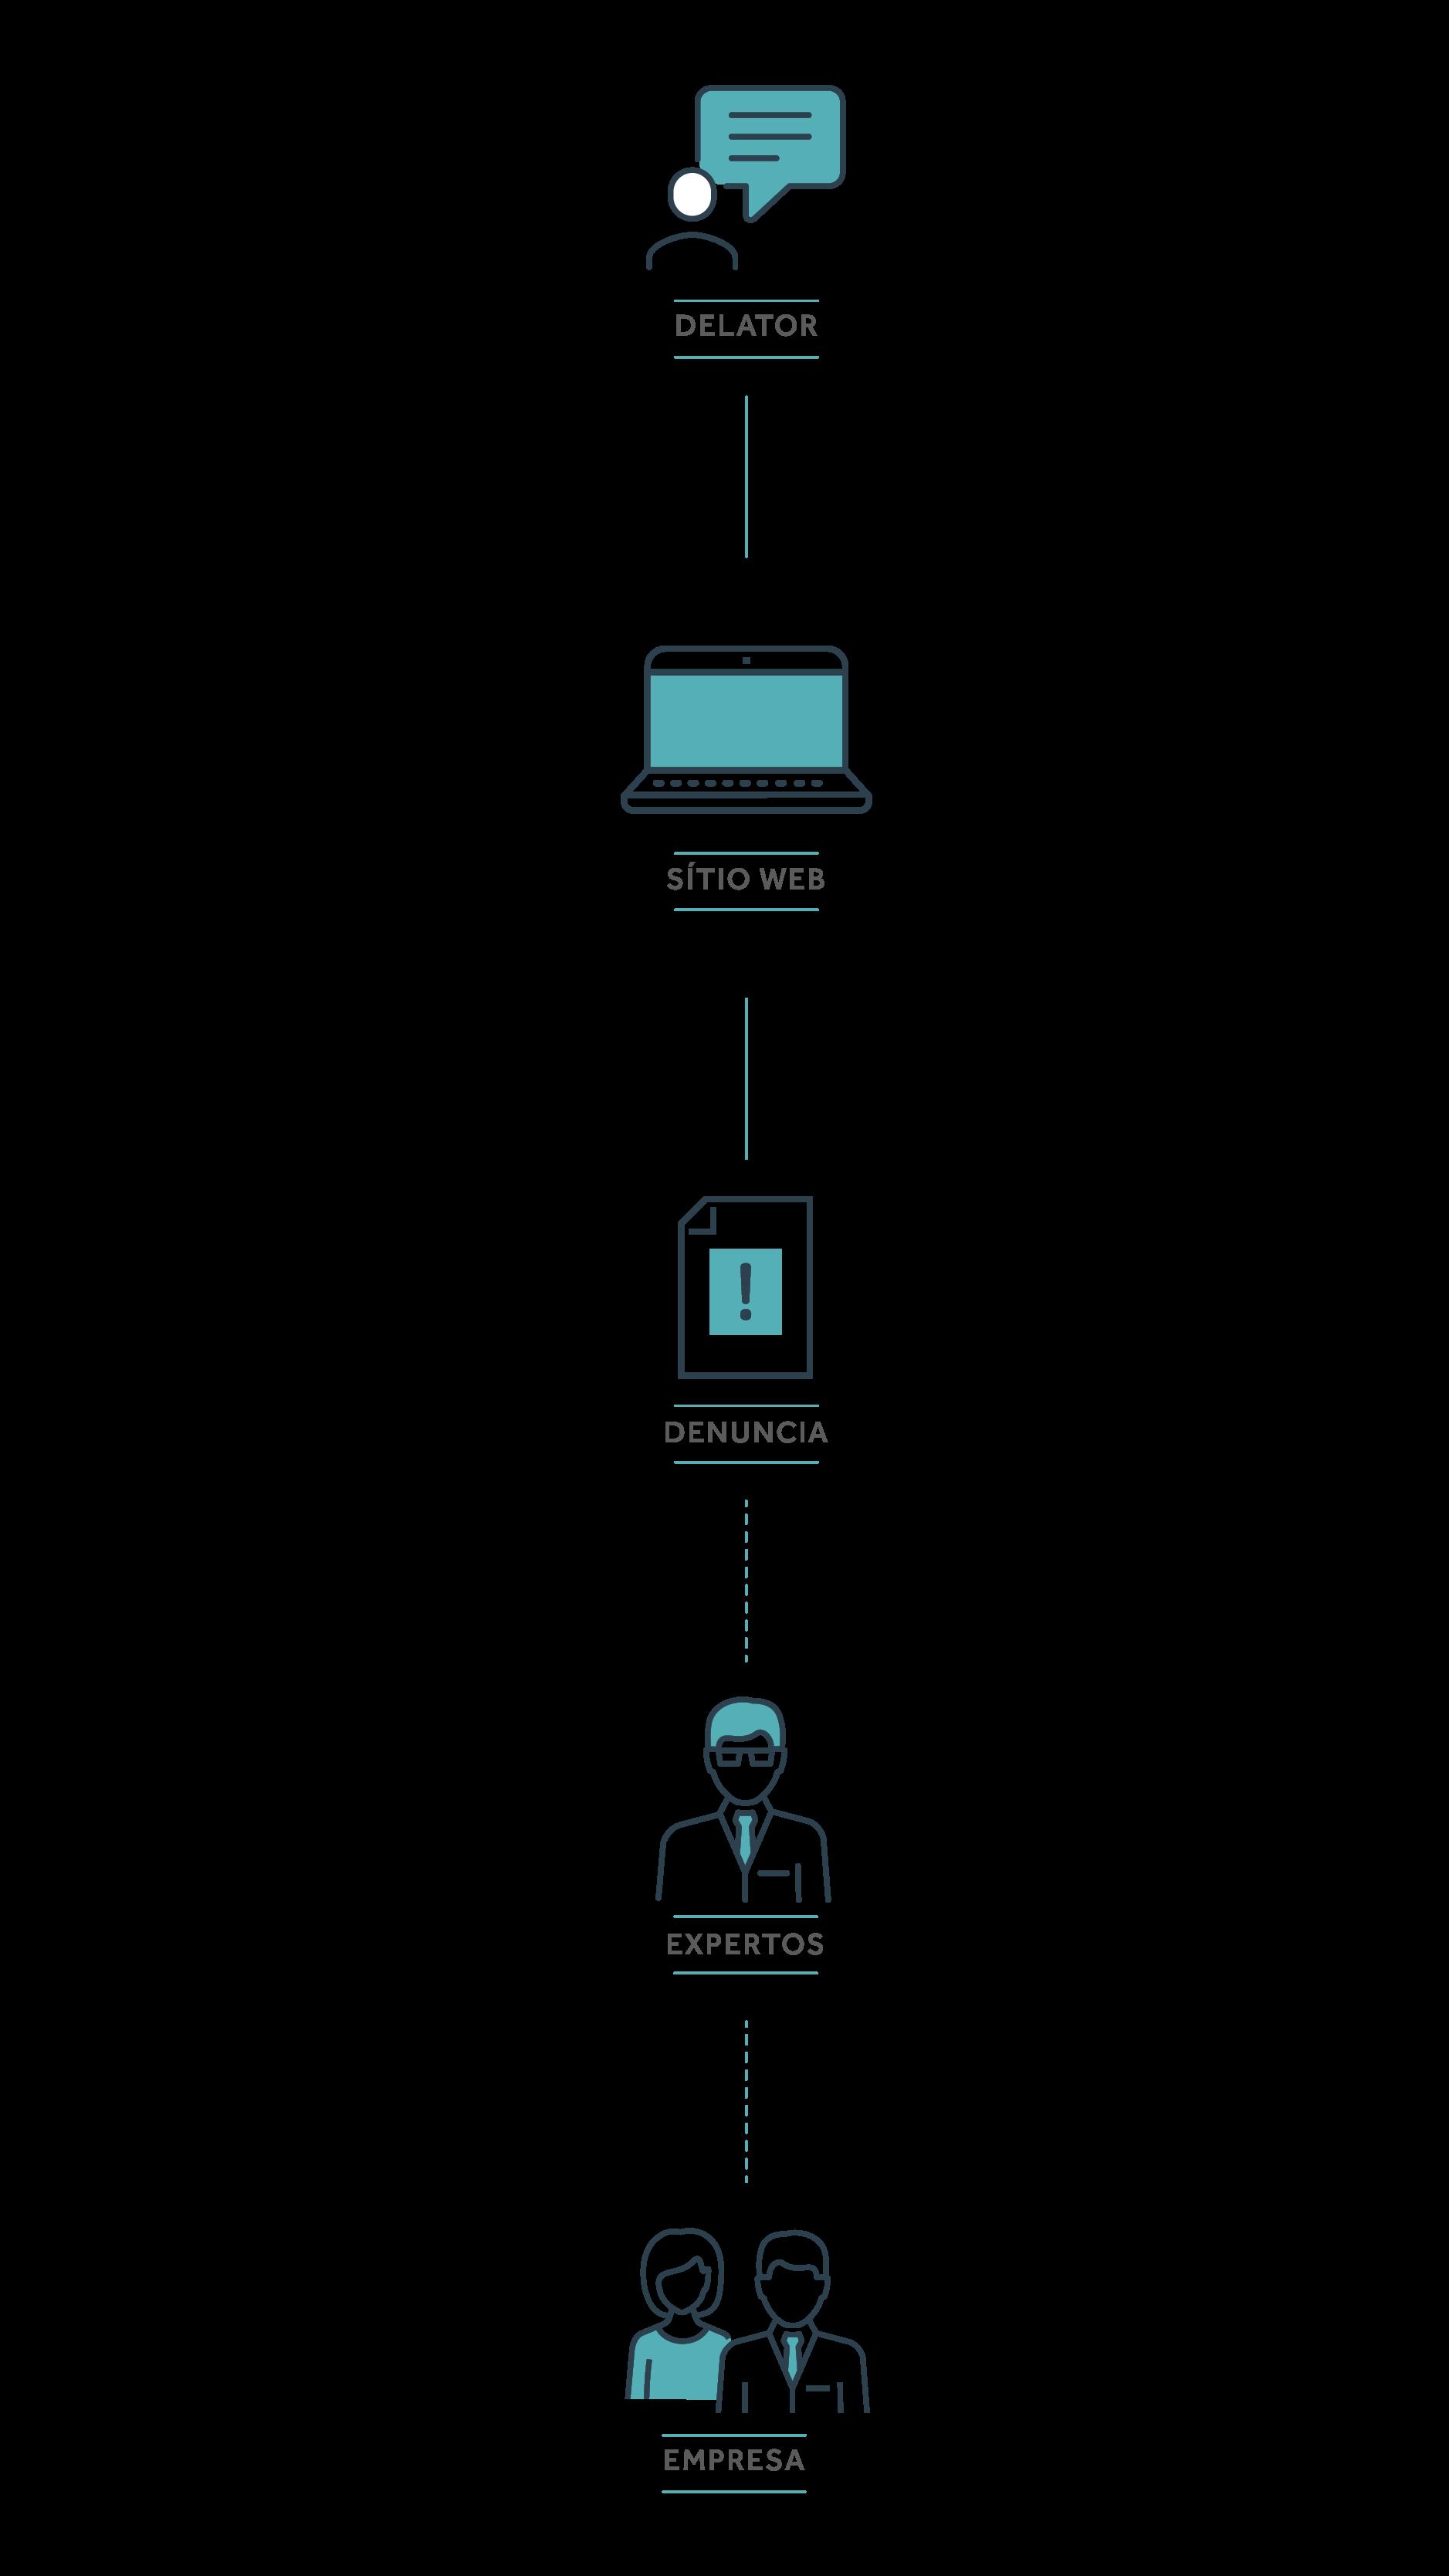 Imagen explicativa sobre el flujo de una denuncia en el canal de Contacto Seguro. Denunciante Anónimo hace el relato a través de: 0800 con Psicólogos, disponibles 24h por día; formulario por el sitio; Aplicación. La denuncia es recibida por expertos del Contacto Seguro y luego liberada al Comité Responsable.